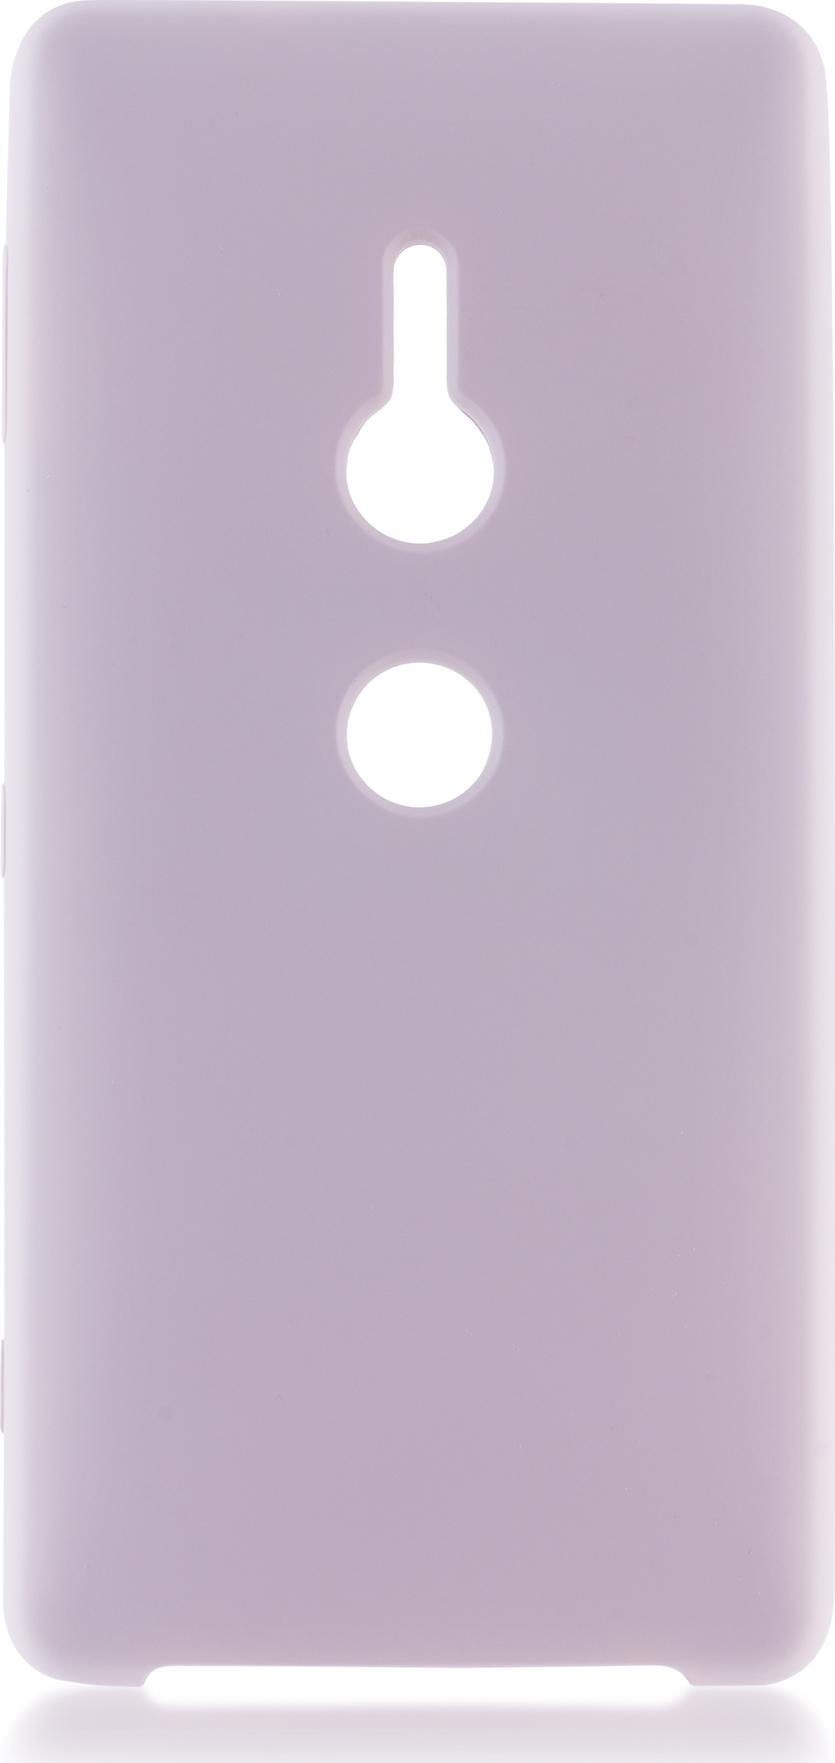 Чехол Brosco Softrubber для Sony Xperia XZ2, розовый wierss розовый для sony xz2